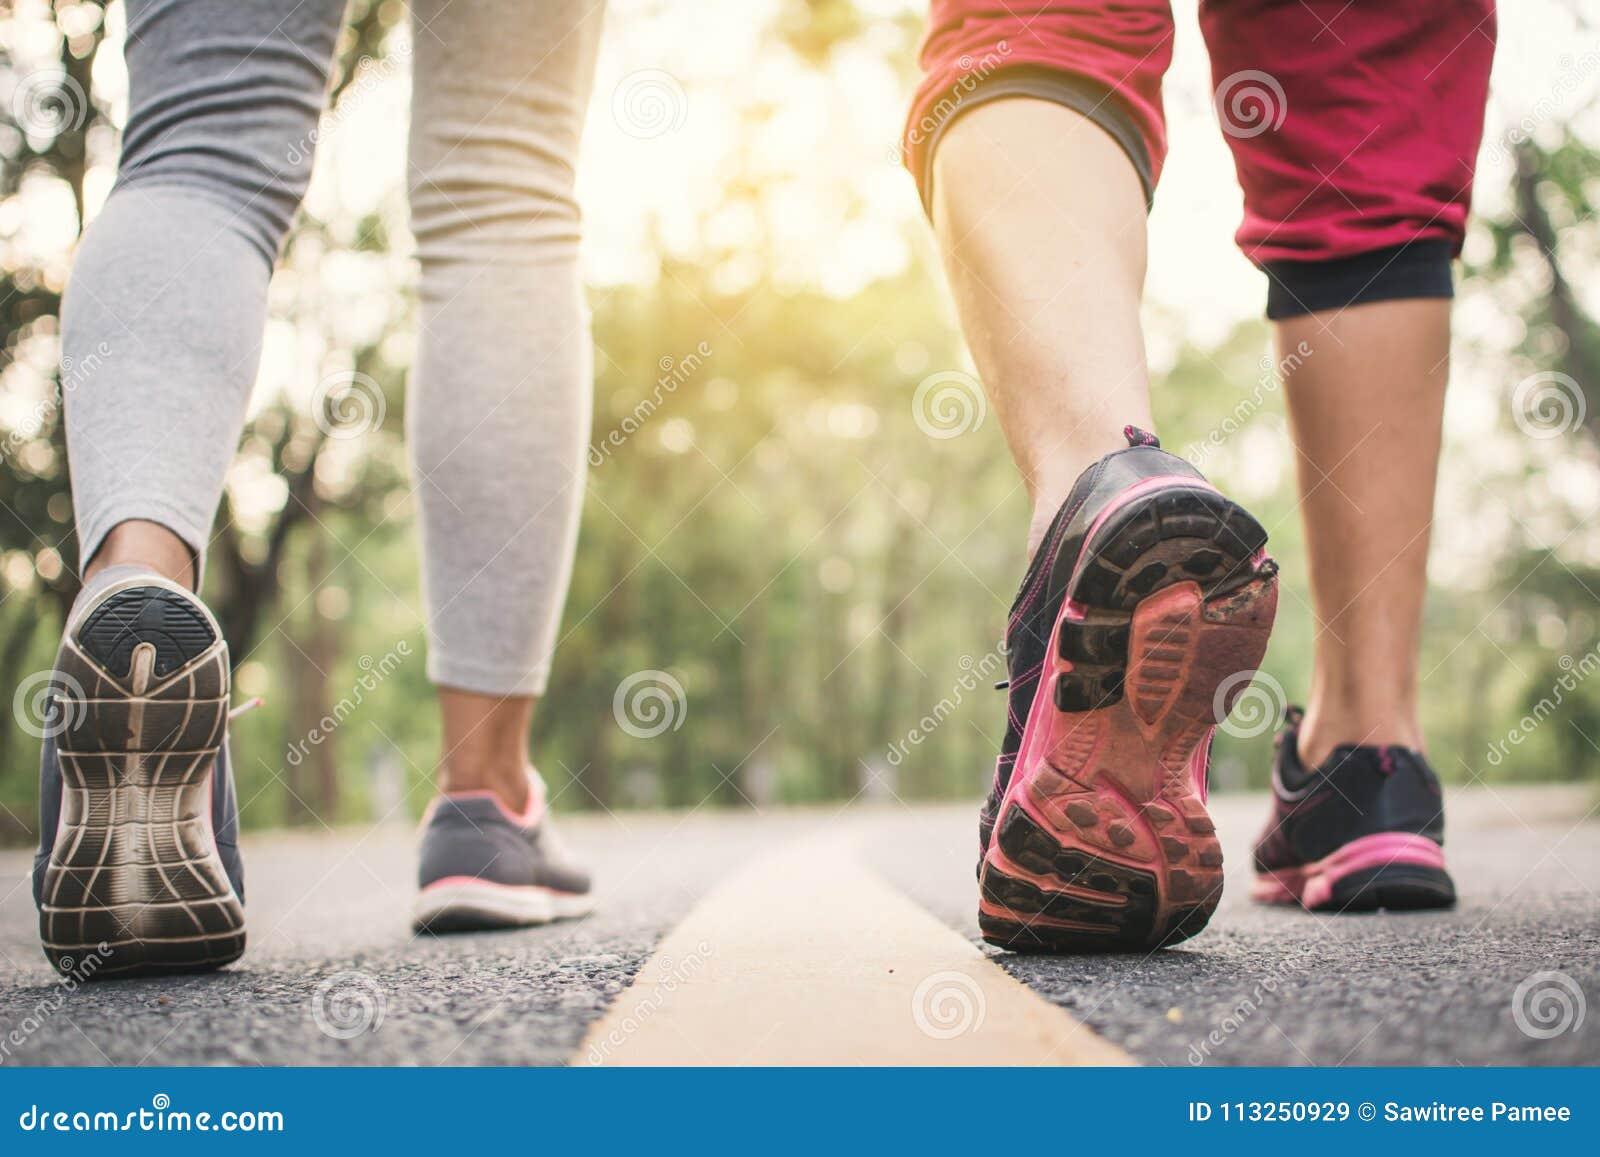 Les pieds équipent et femme courant sur la route pour la santé